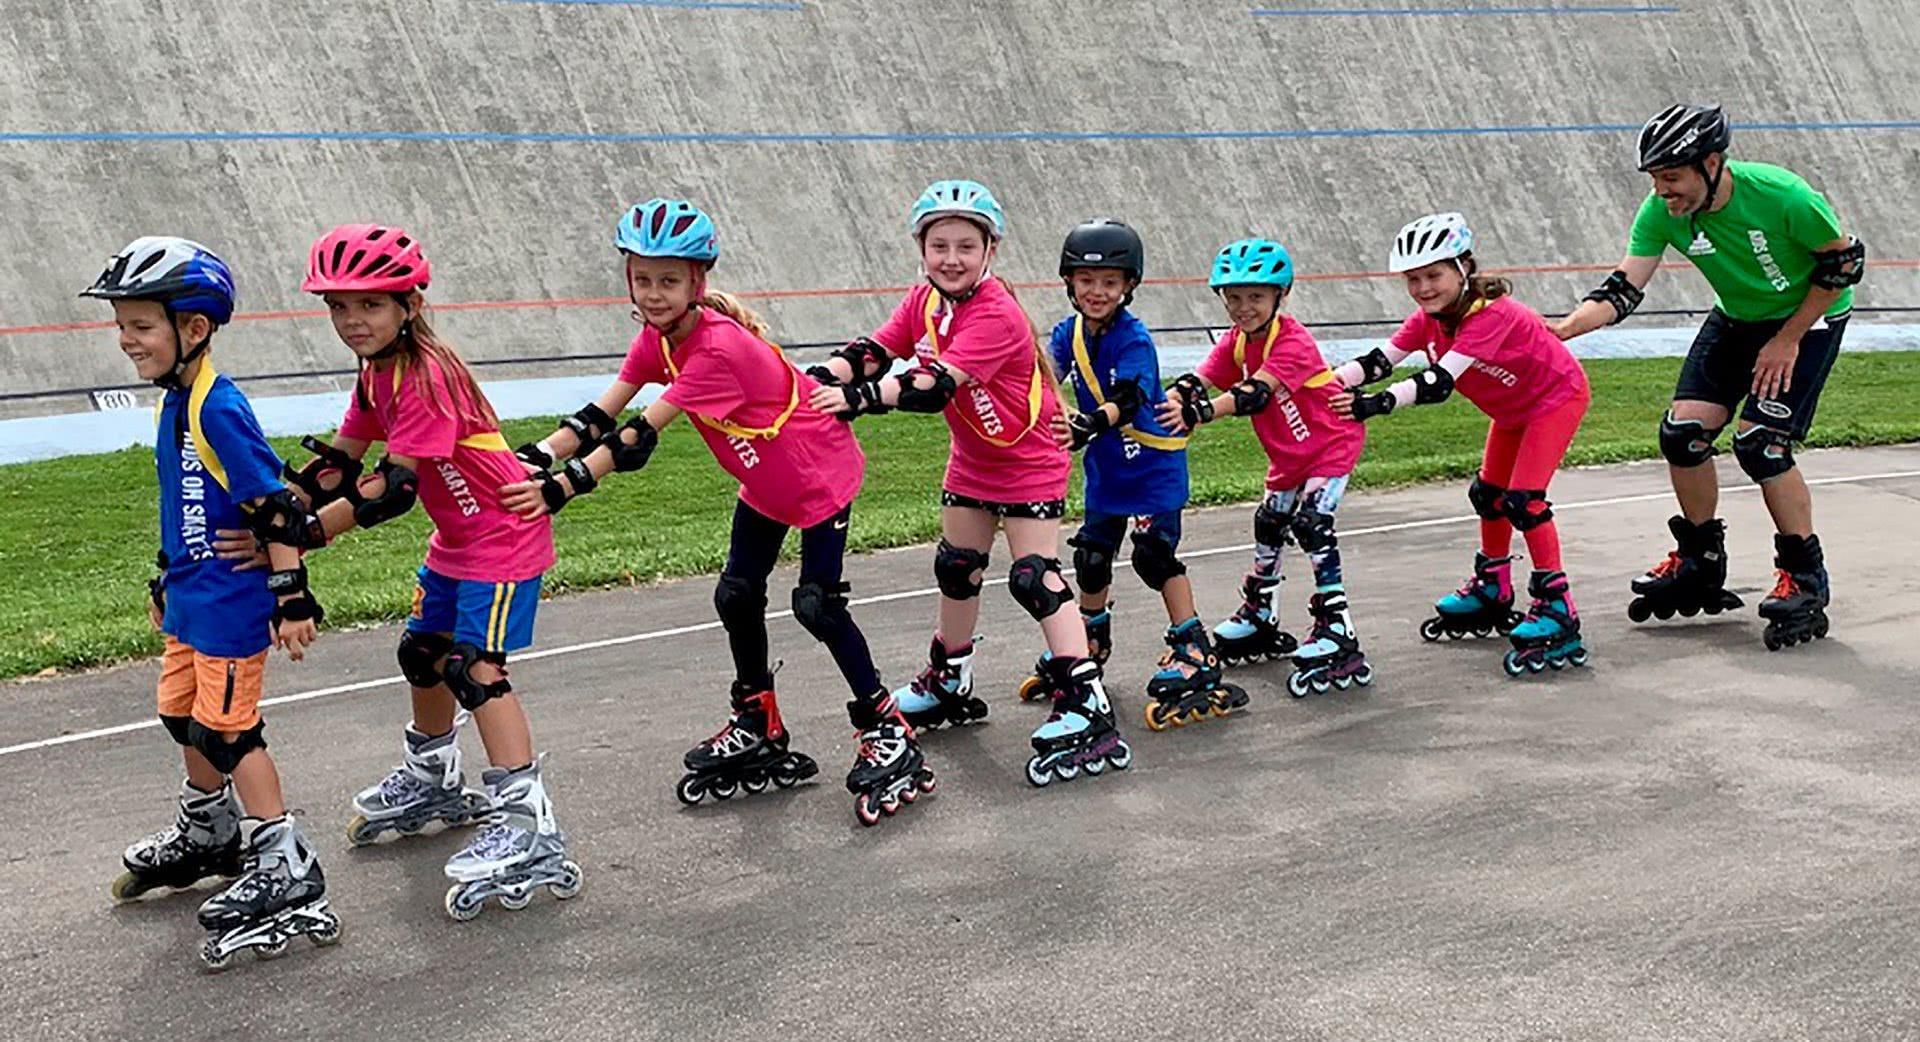 Kinder in einer Reihe auf Inline-Skates